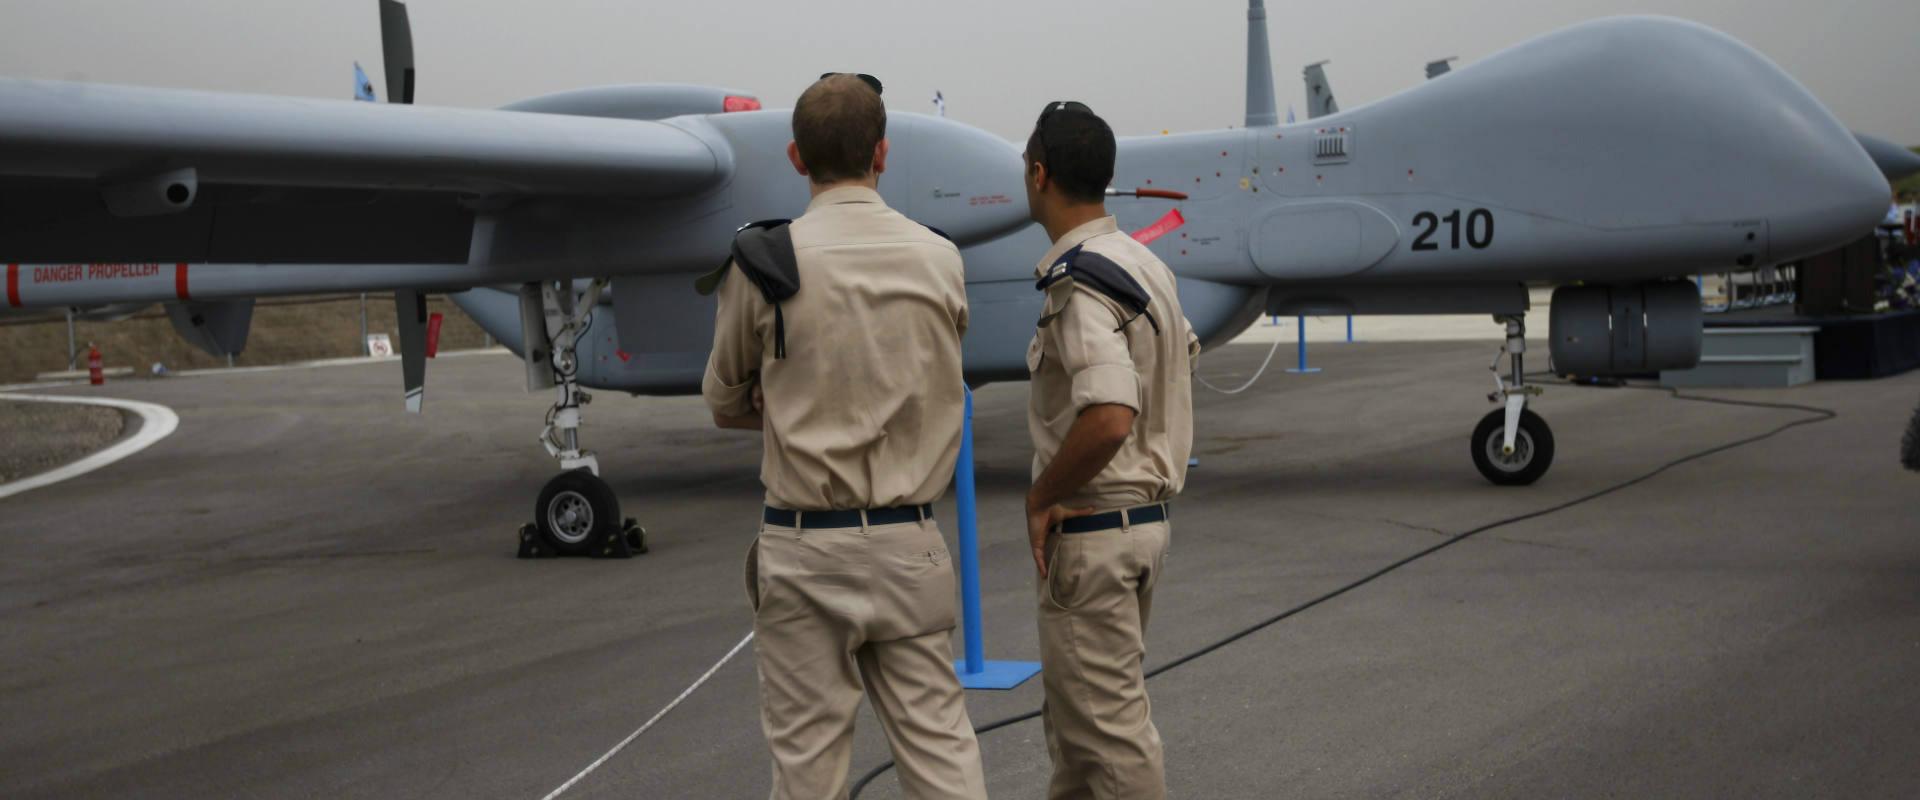 חיילים בחיל האוויר